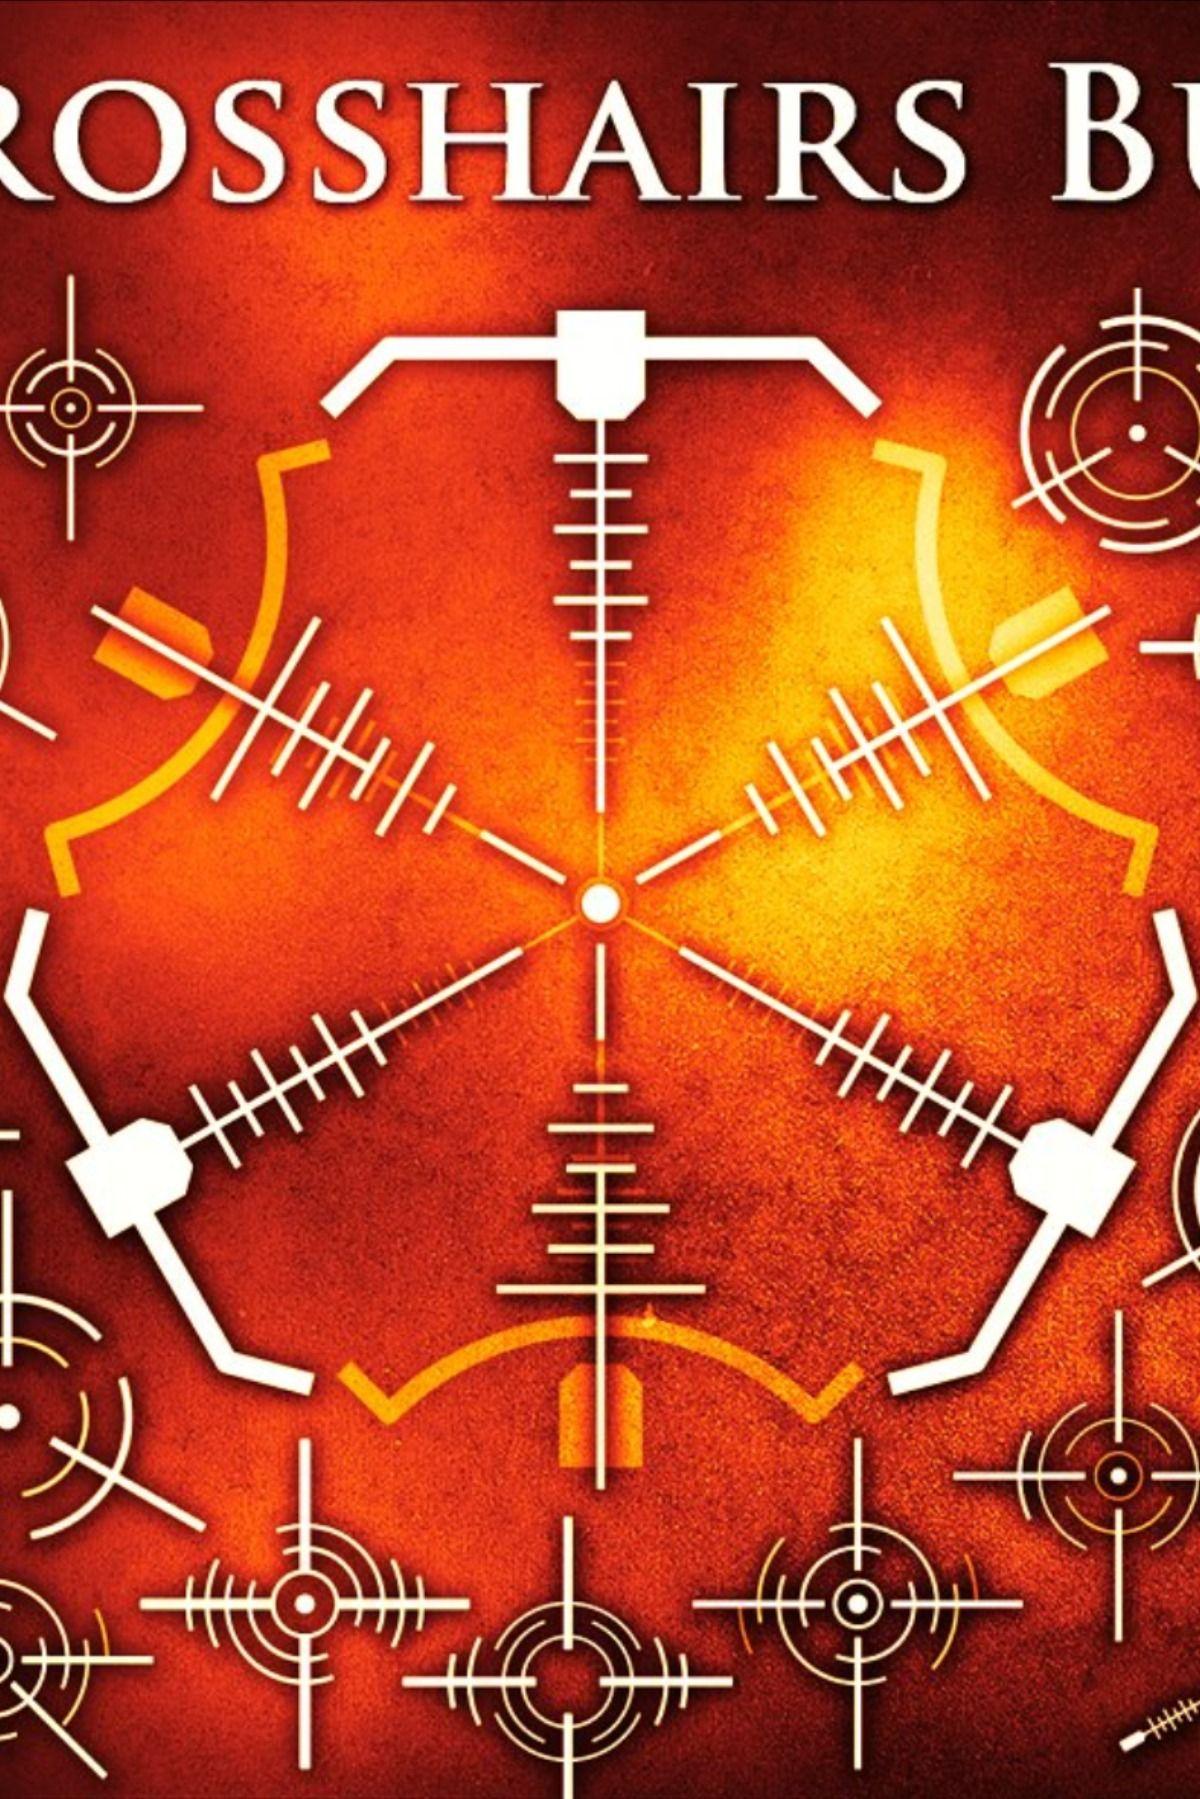 Crosshair Bundle Svg Png Eps Brushes Futuristic Design Png Logo Design